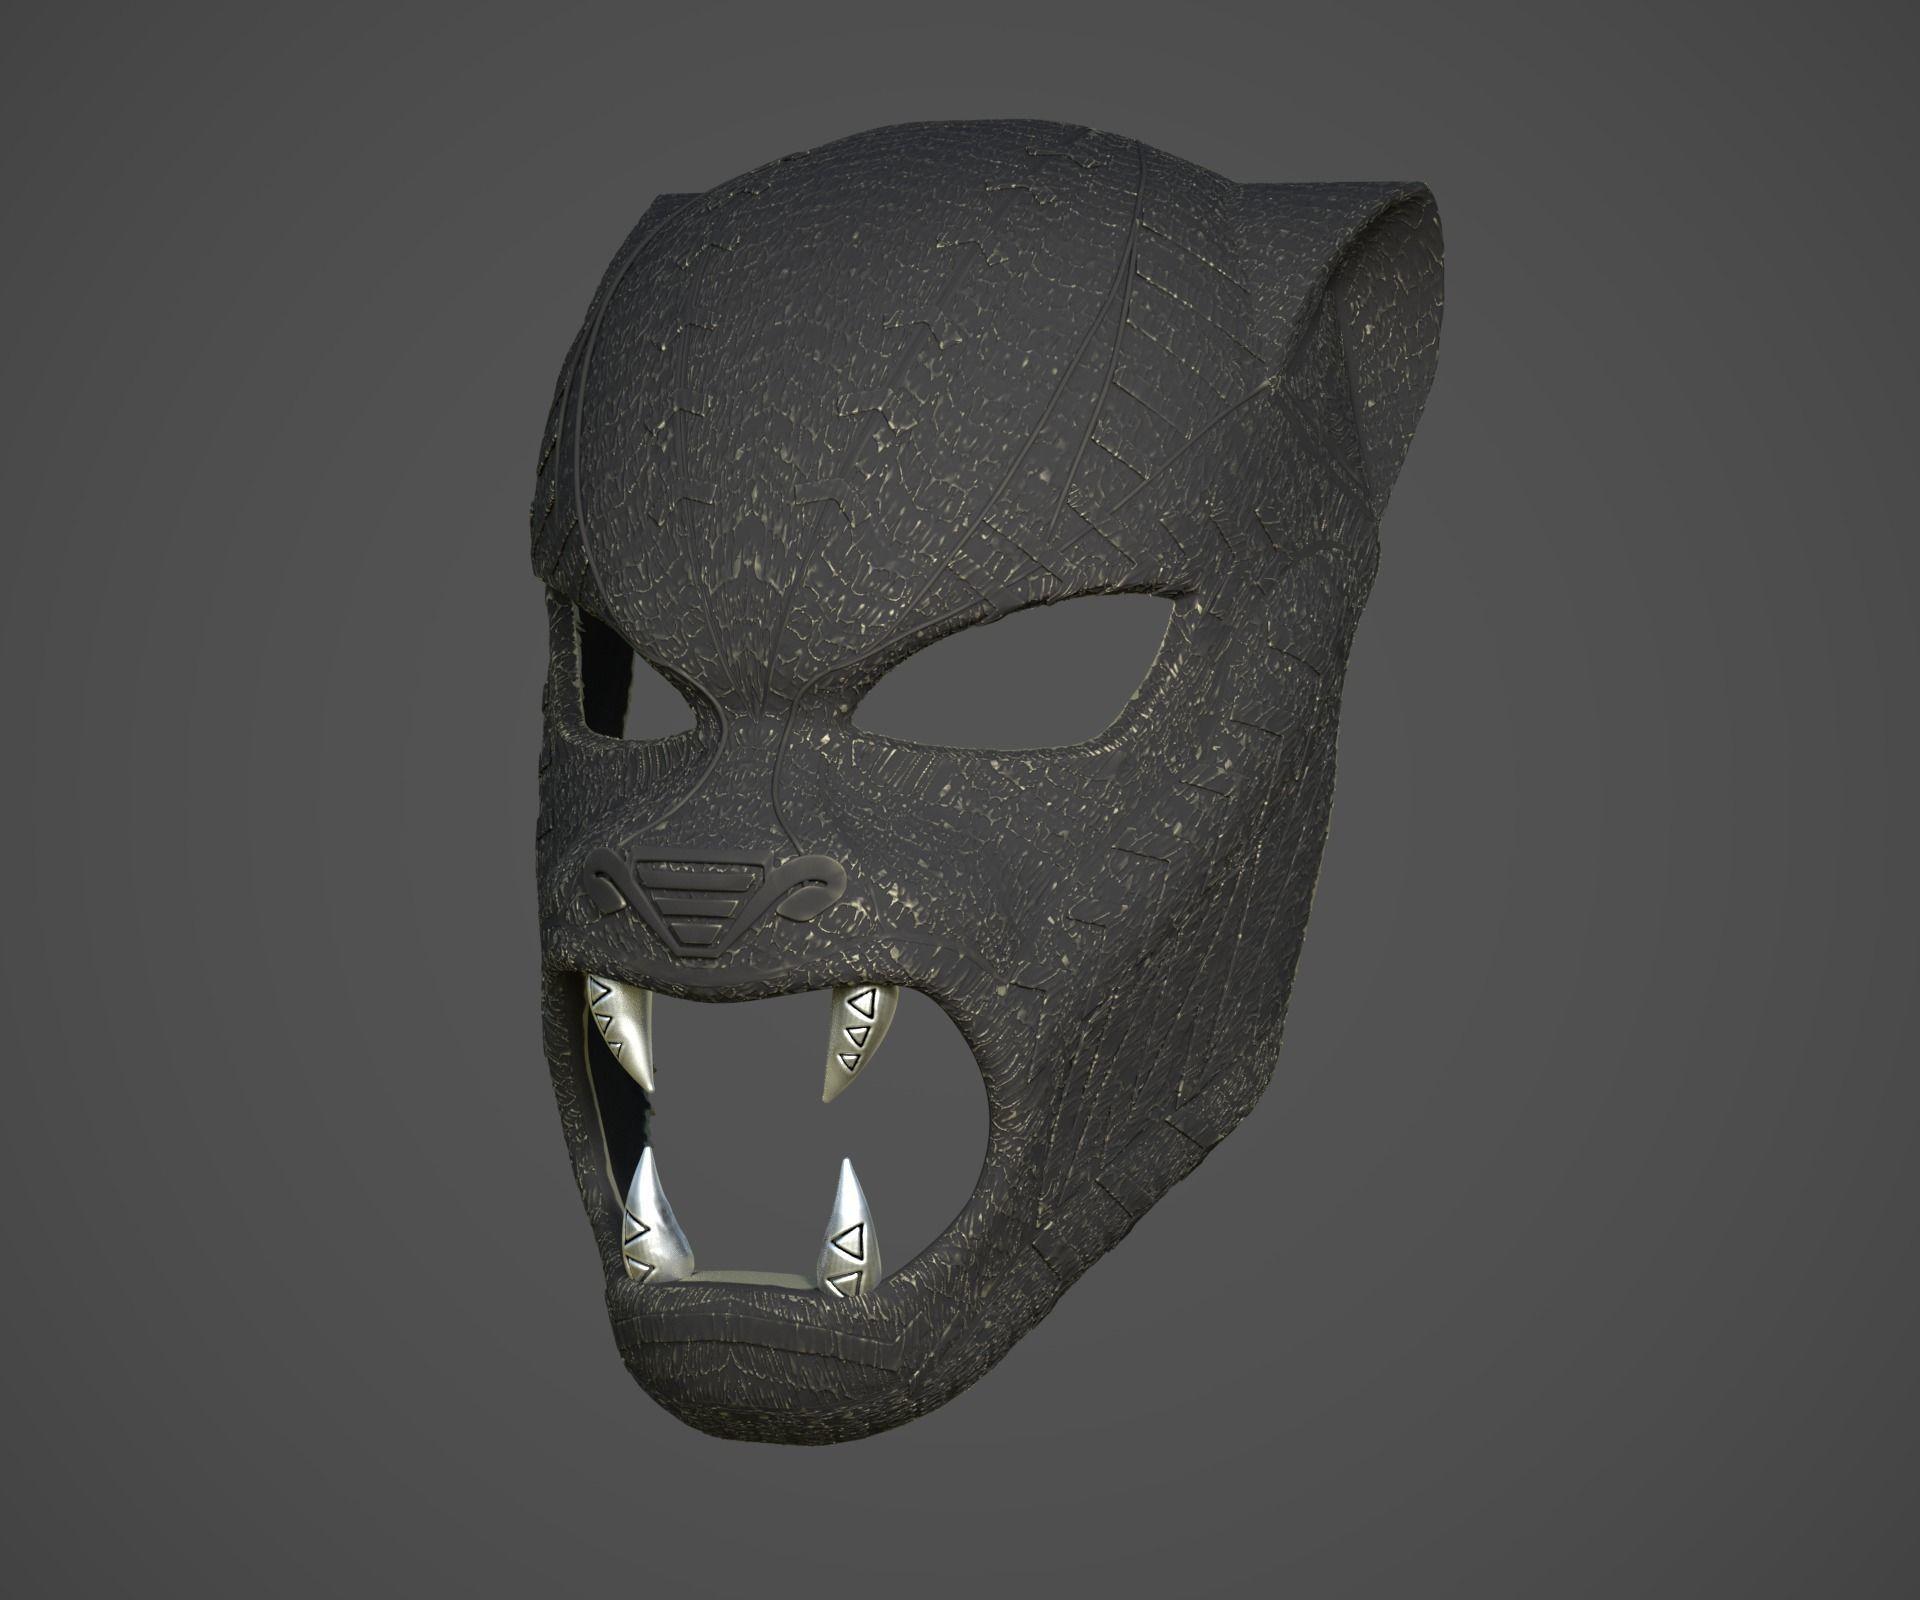 Black Panther ceremonial masks